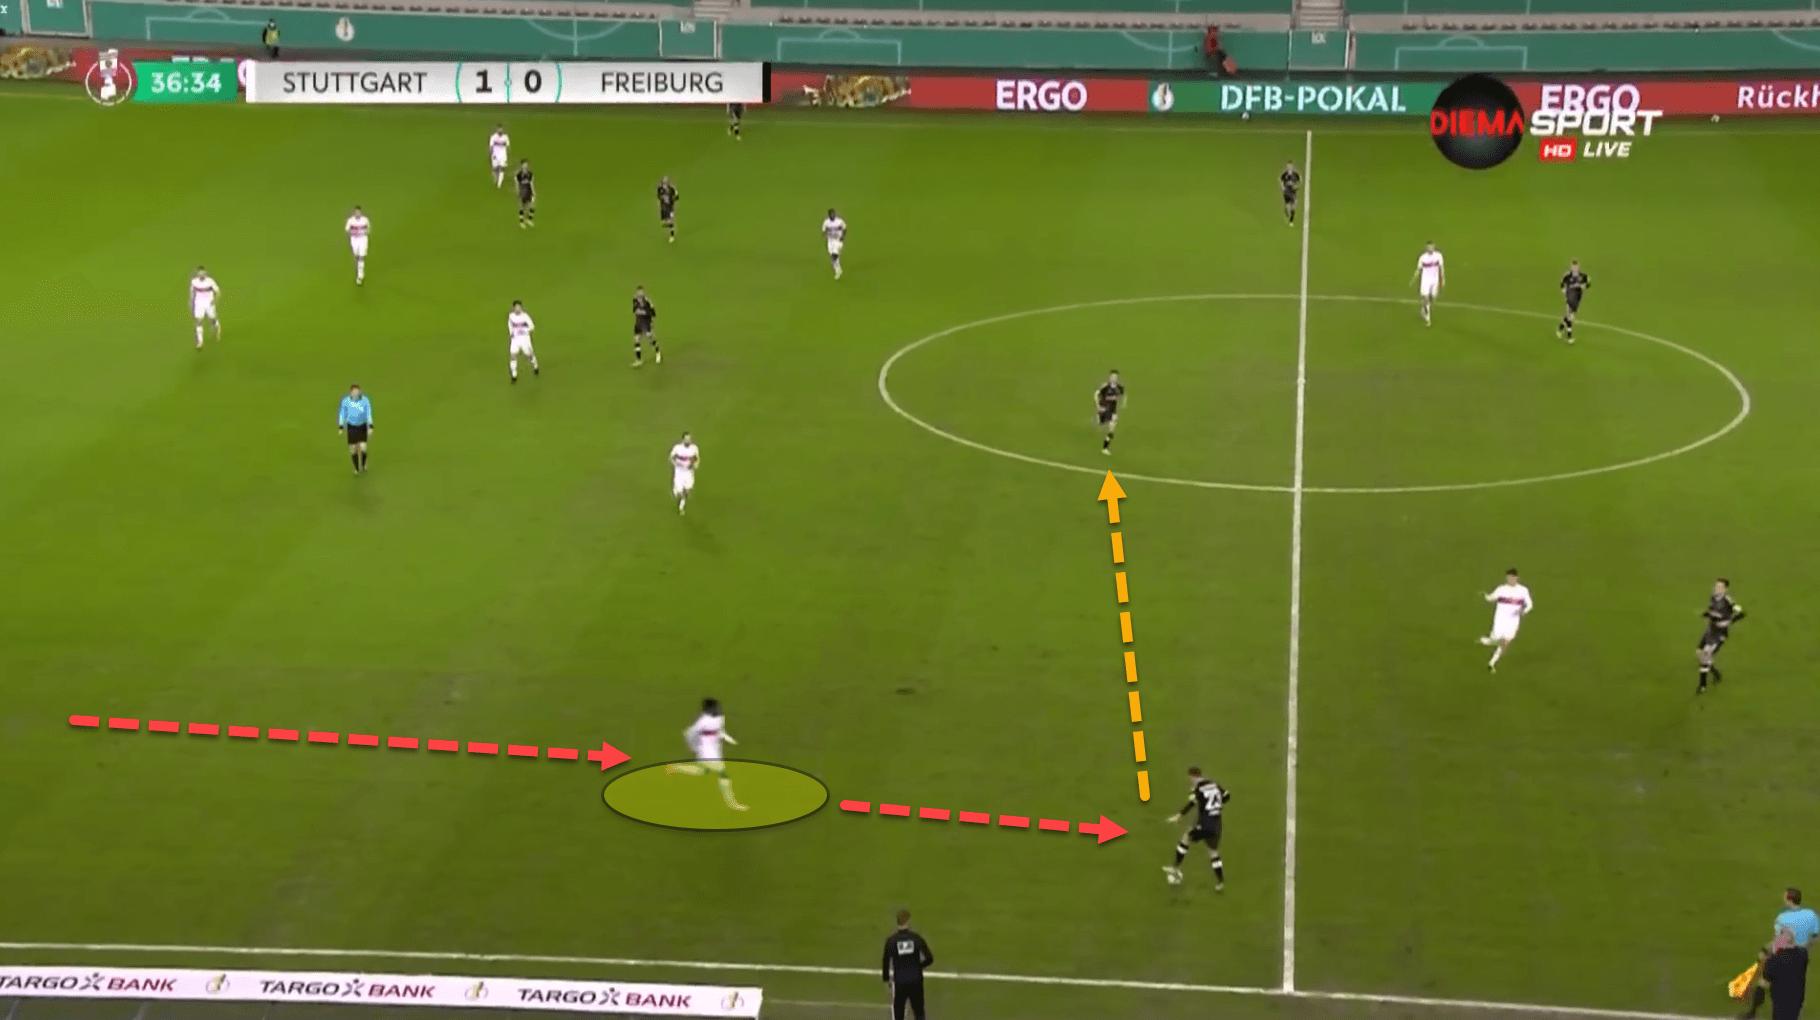 Borussia Dortmund's replacement for Jadon Sancho